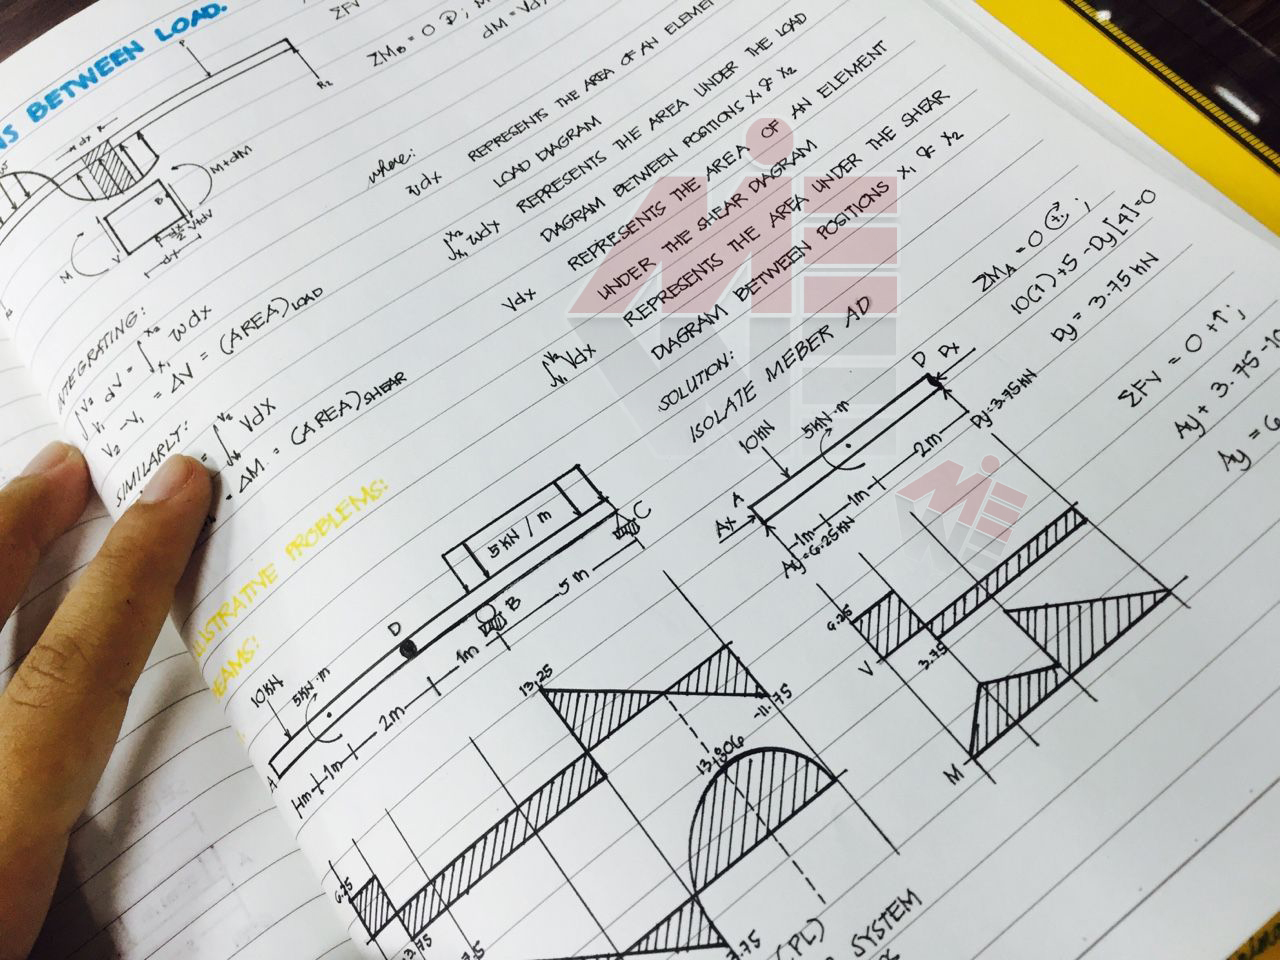 a1713a4824c502e9a60f634fddc766da تحصیل مهندسی اسلوونی